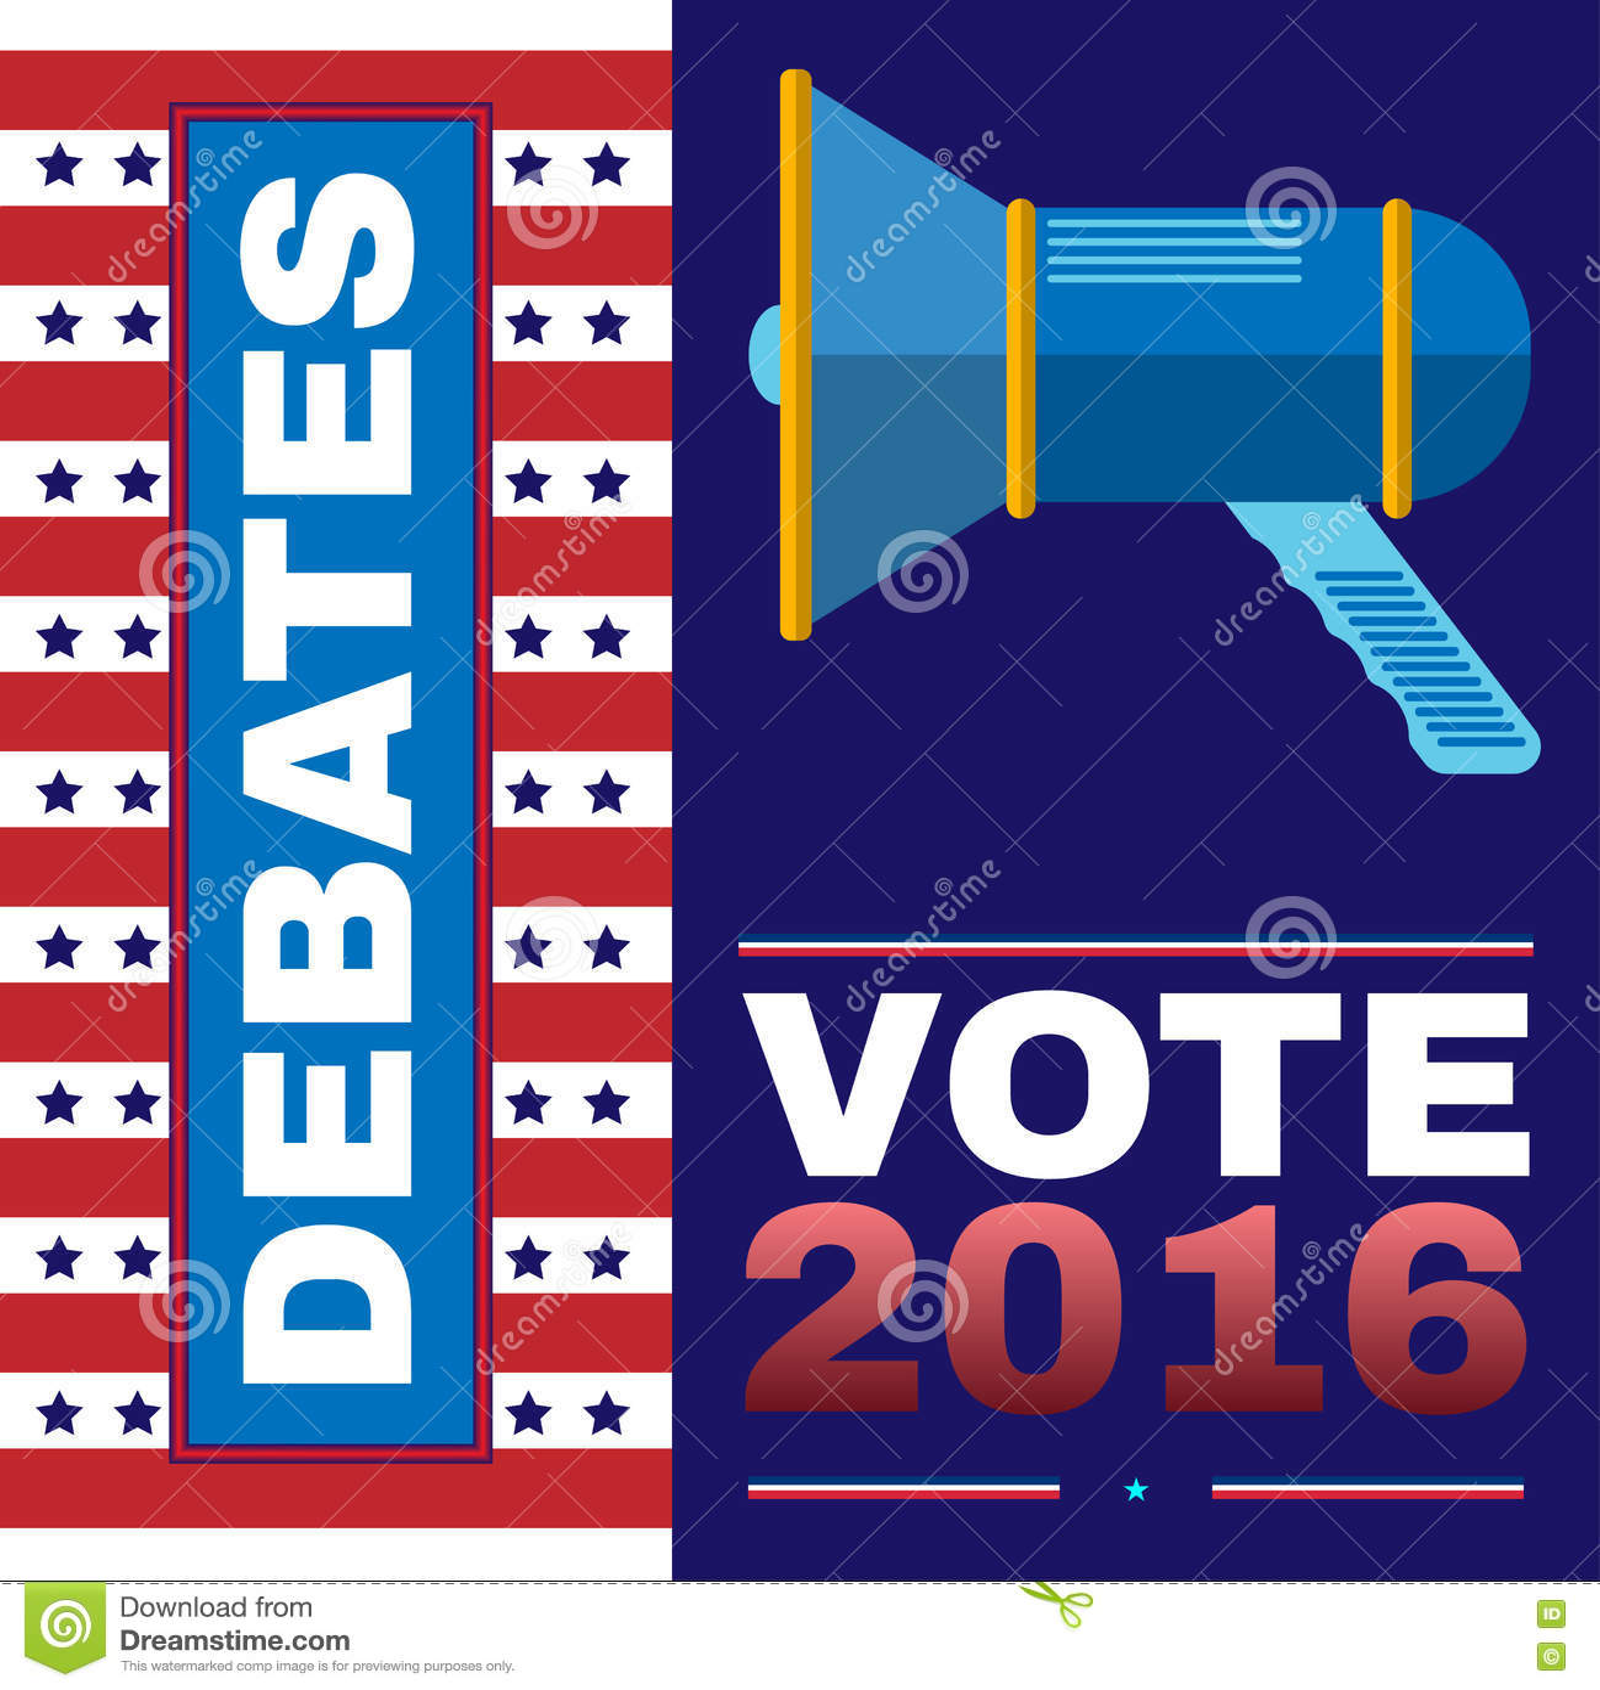 Ψηφιακή διανυσματική αμερικανική εκλογή με προεδρικό